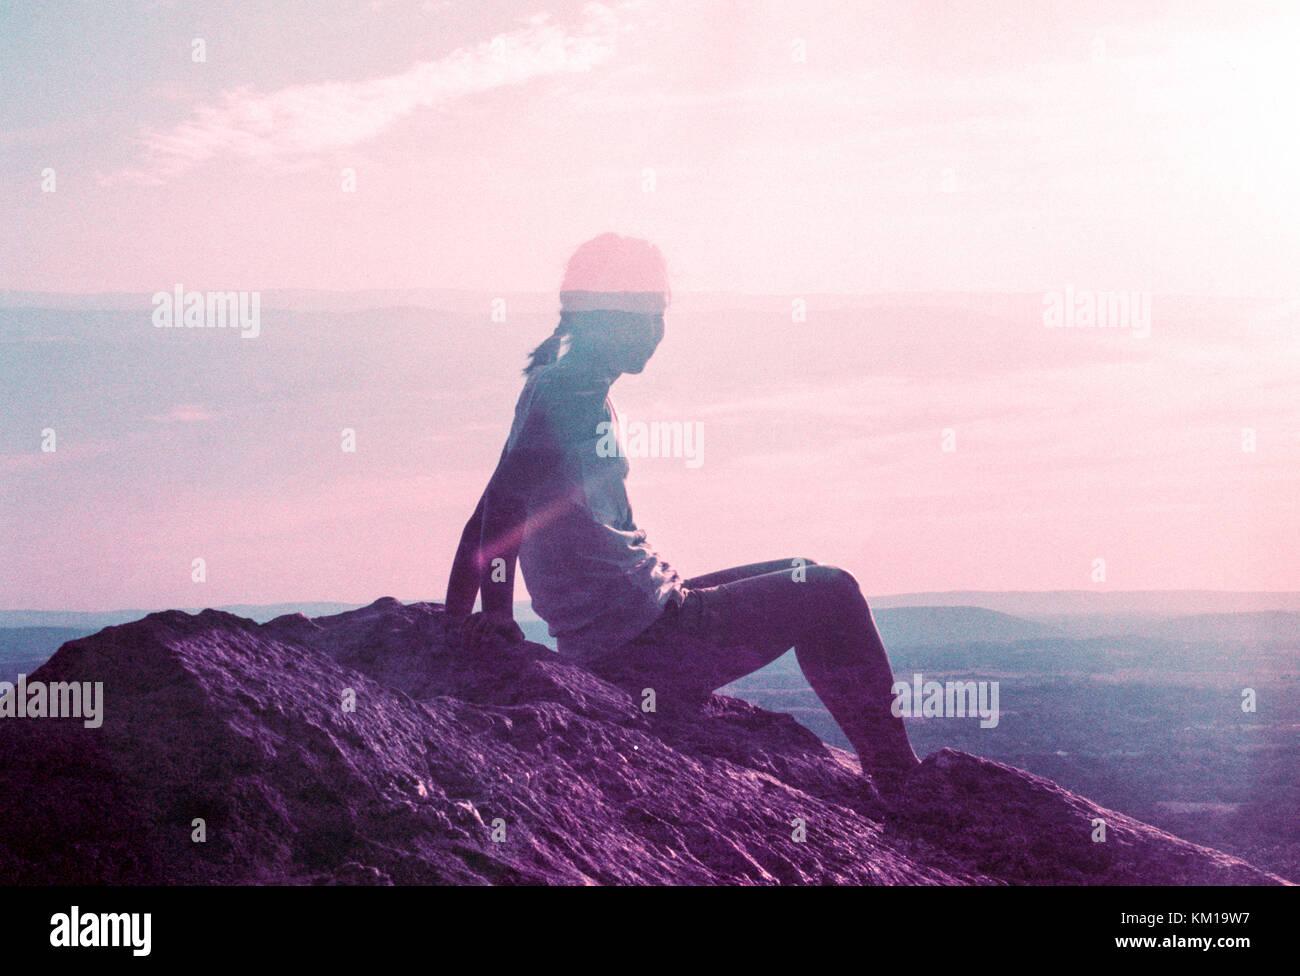 Doppia esposizione della donna sulla roccia a guardare il paesaggio di sunrise Immagini Stock